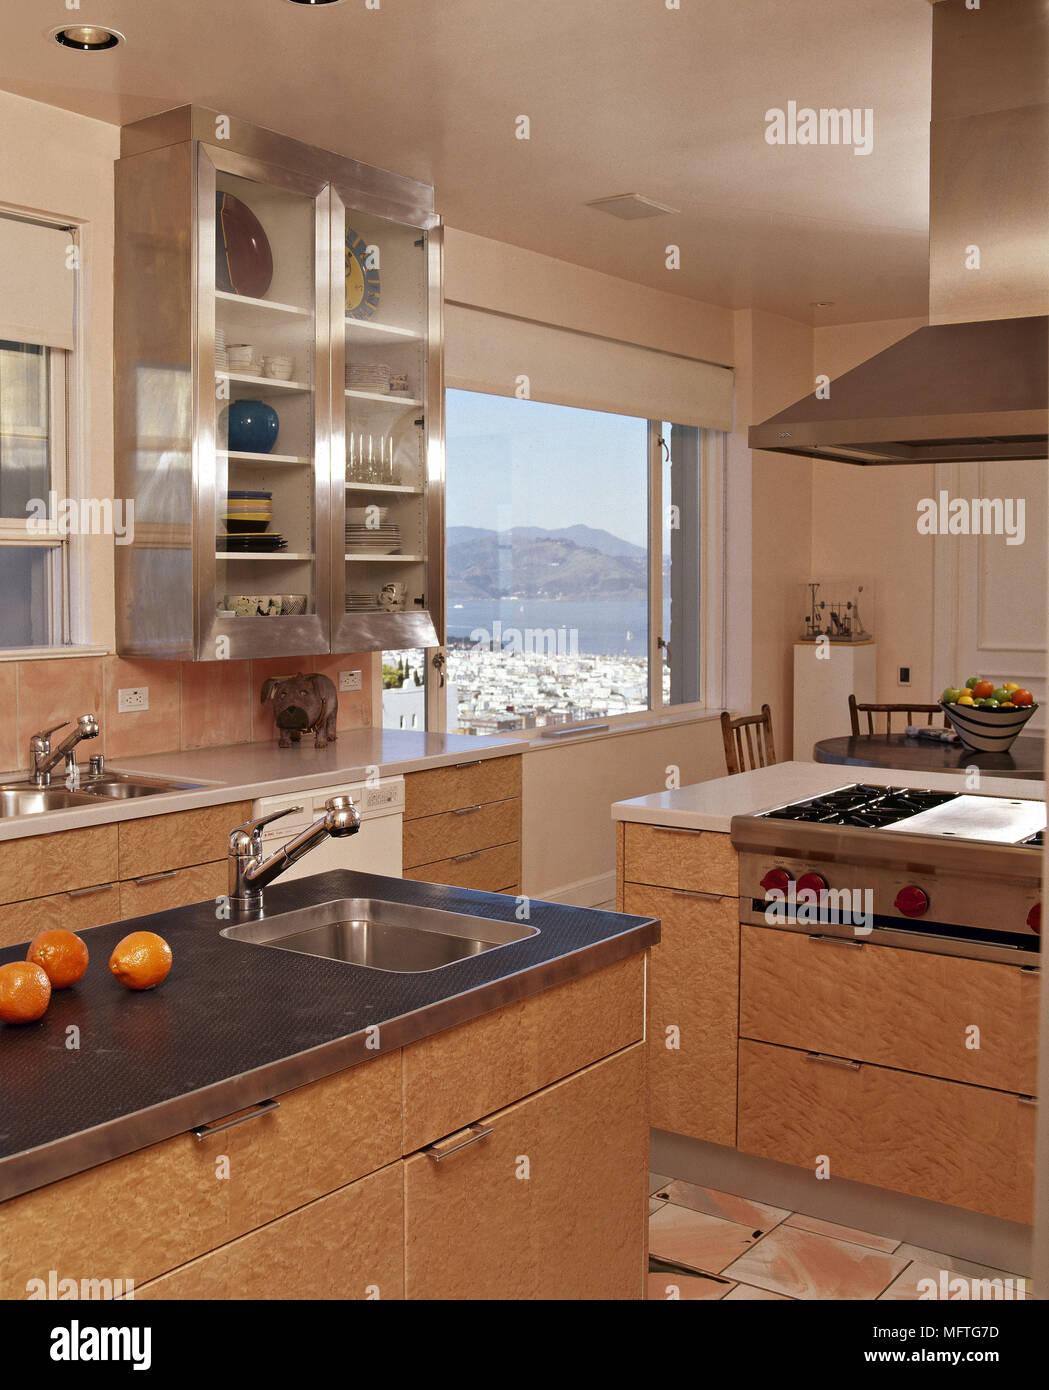 Armadio Cucina Moderna.Cucina Moderna Dettaglio Zona Pranzo Unita Legno Lavello In